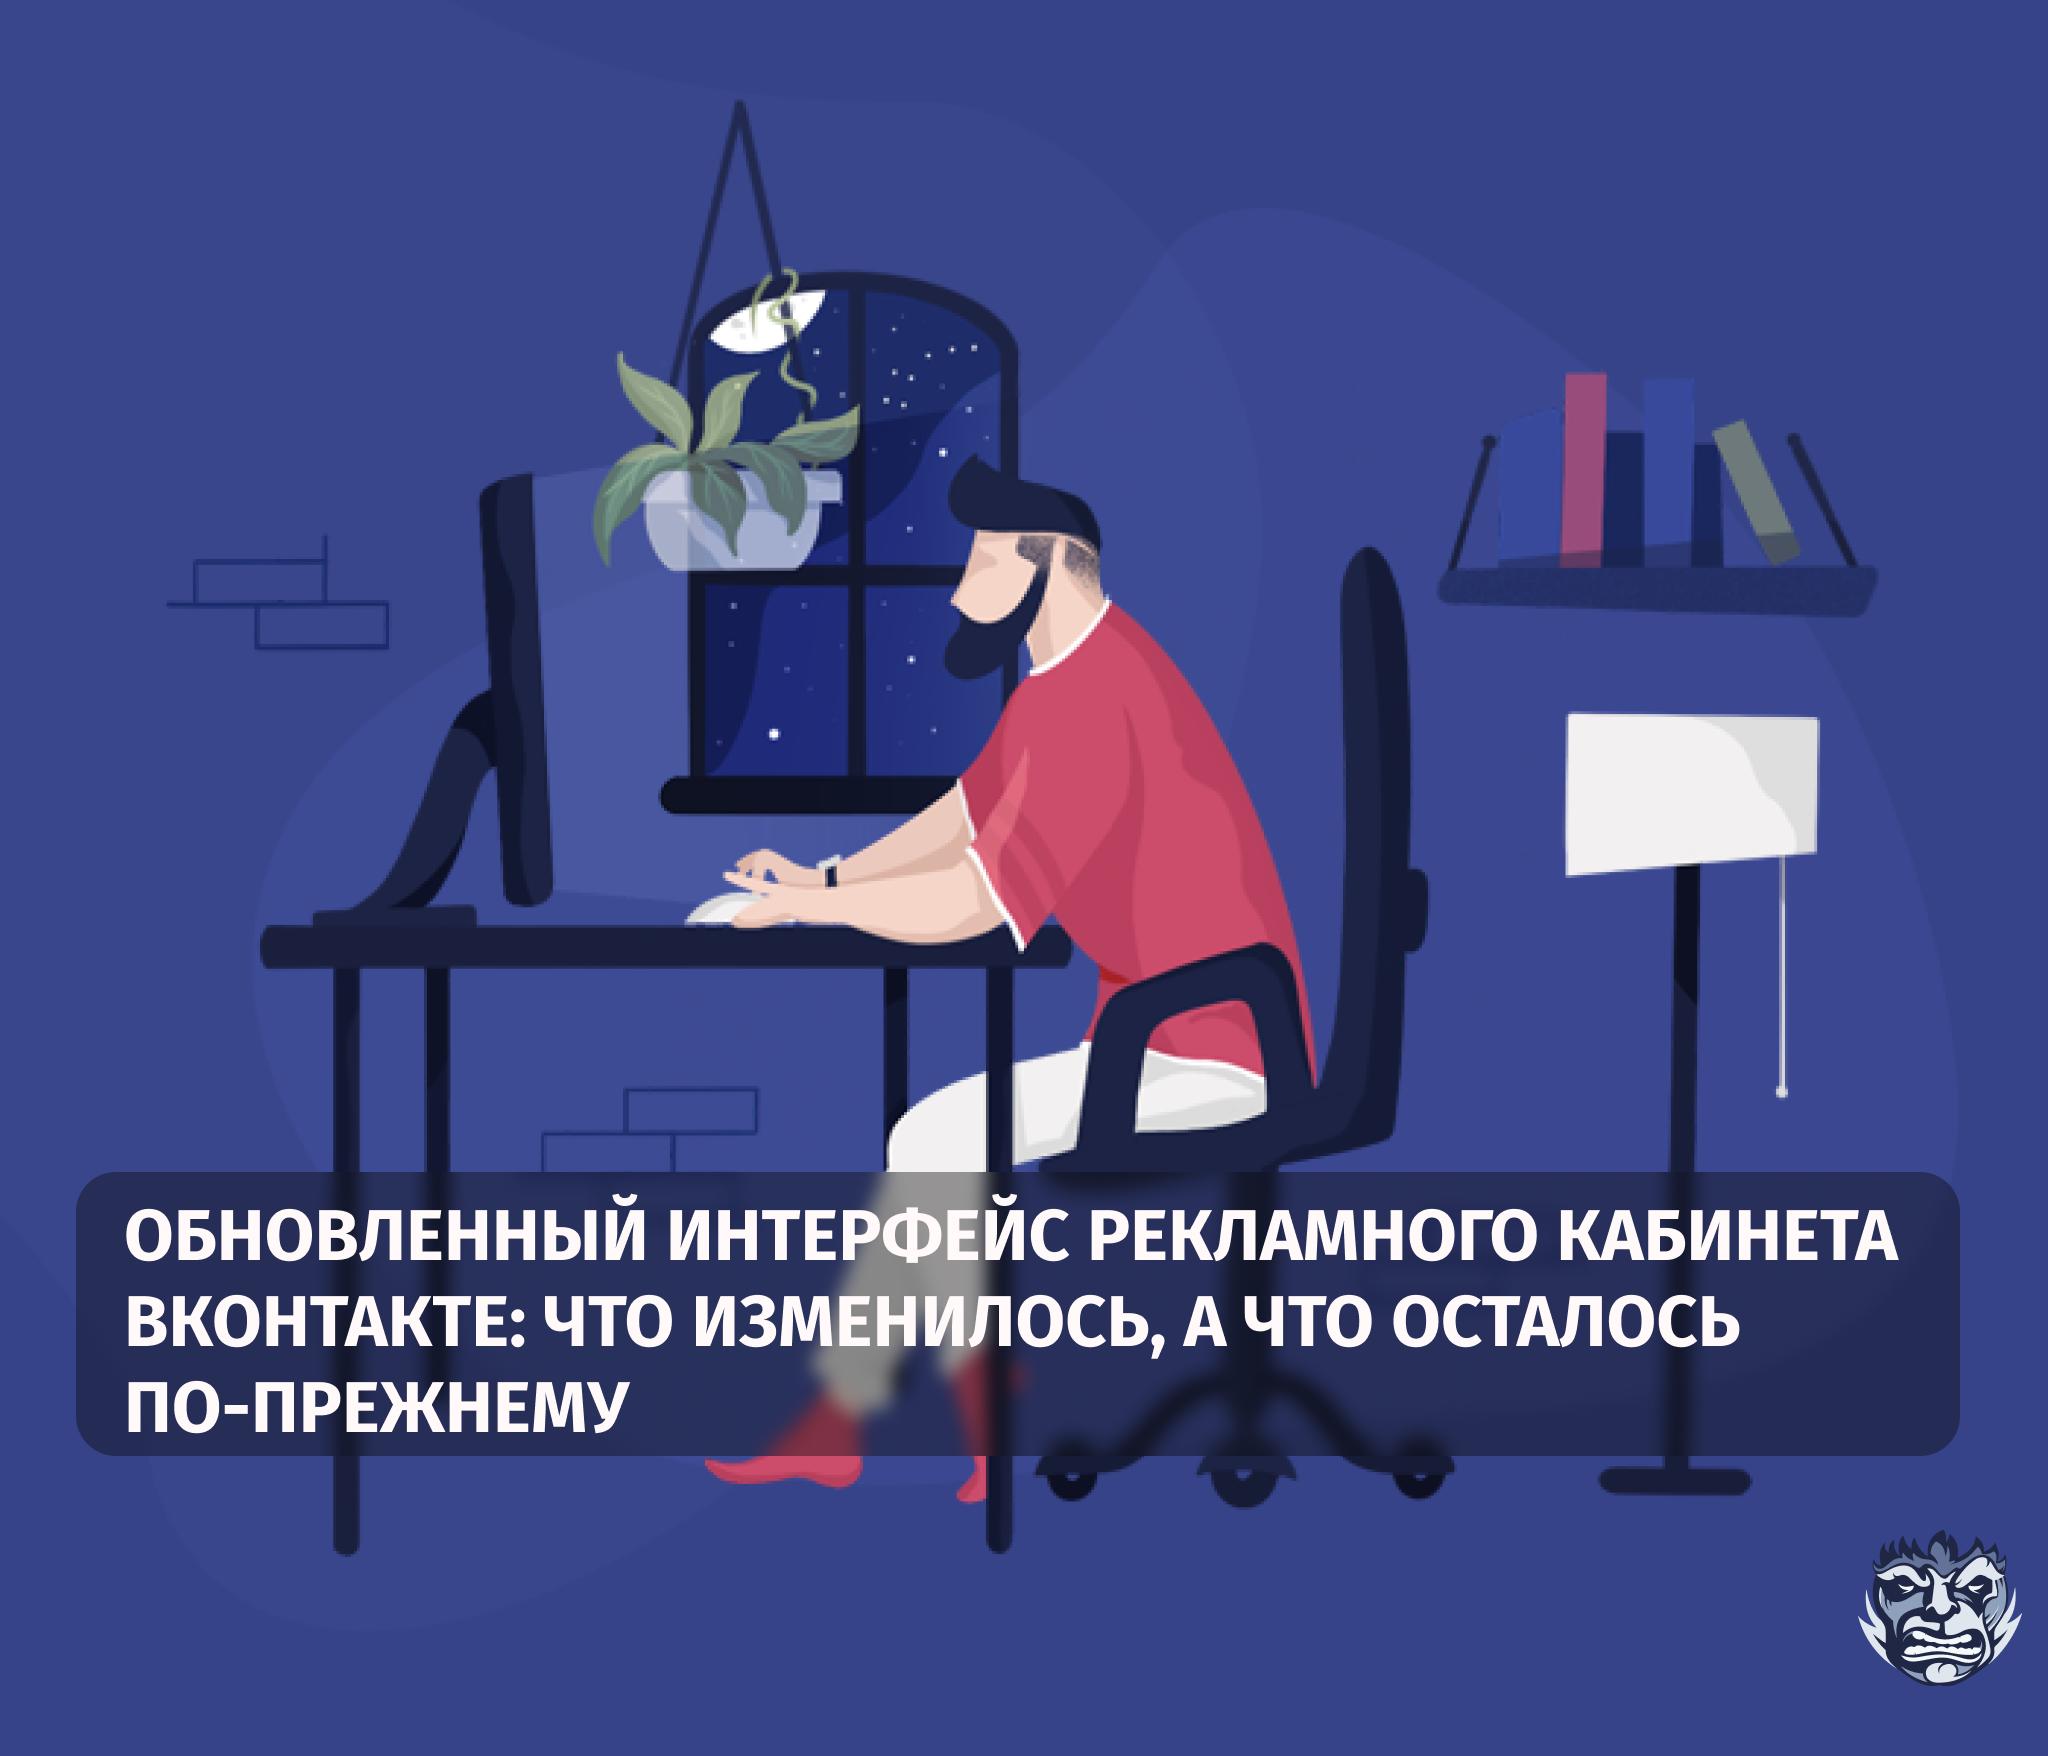 Обновленный интерфейс рекламного кабинета Вконтакте: что изменилось, а что осталось по-прежнему